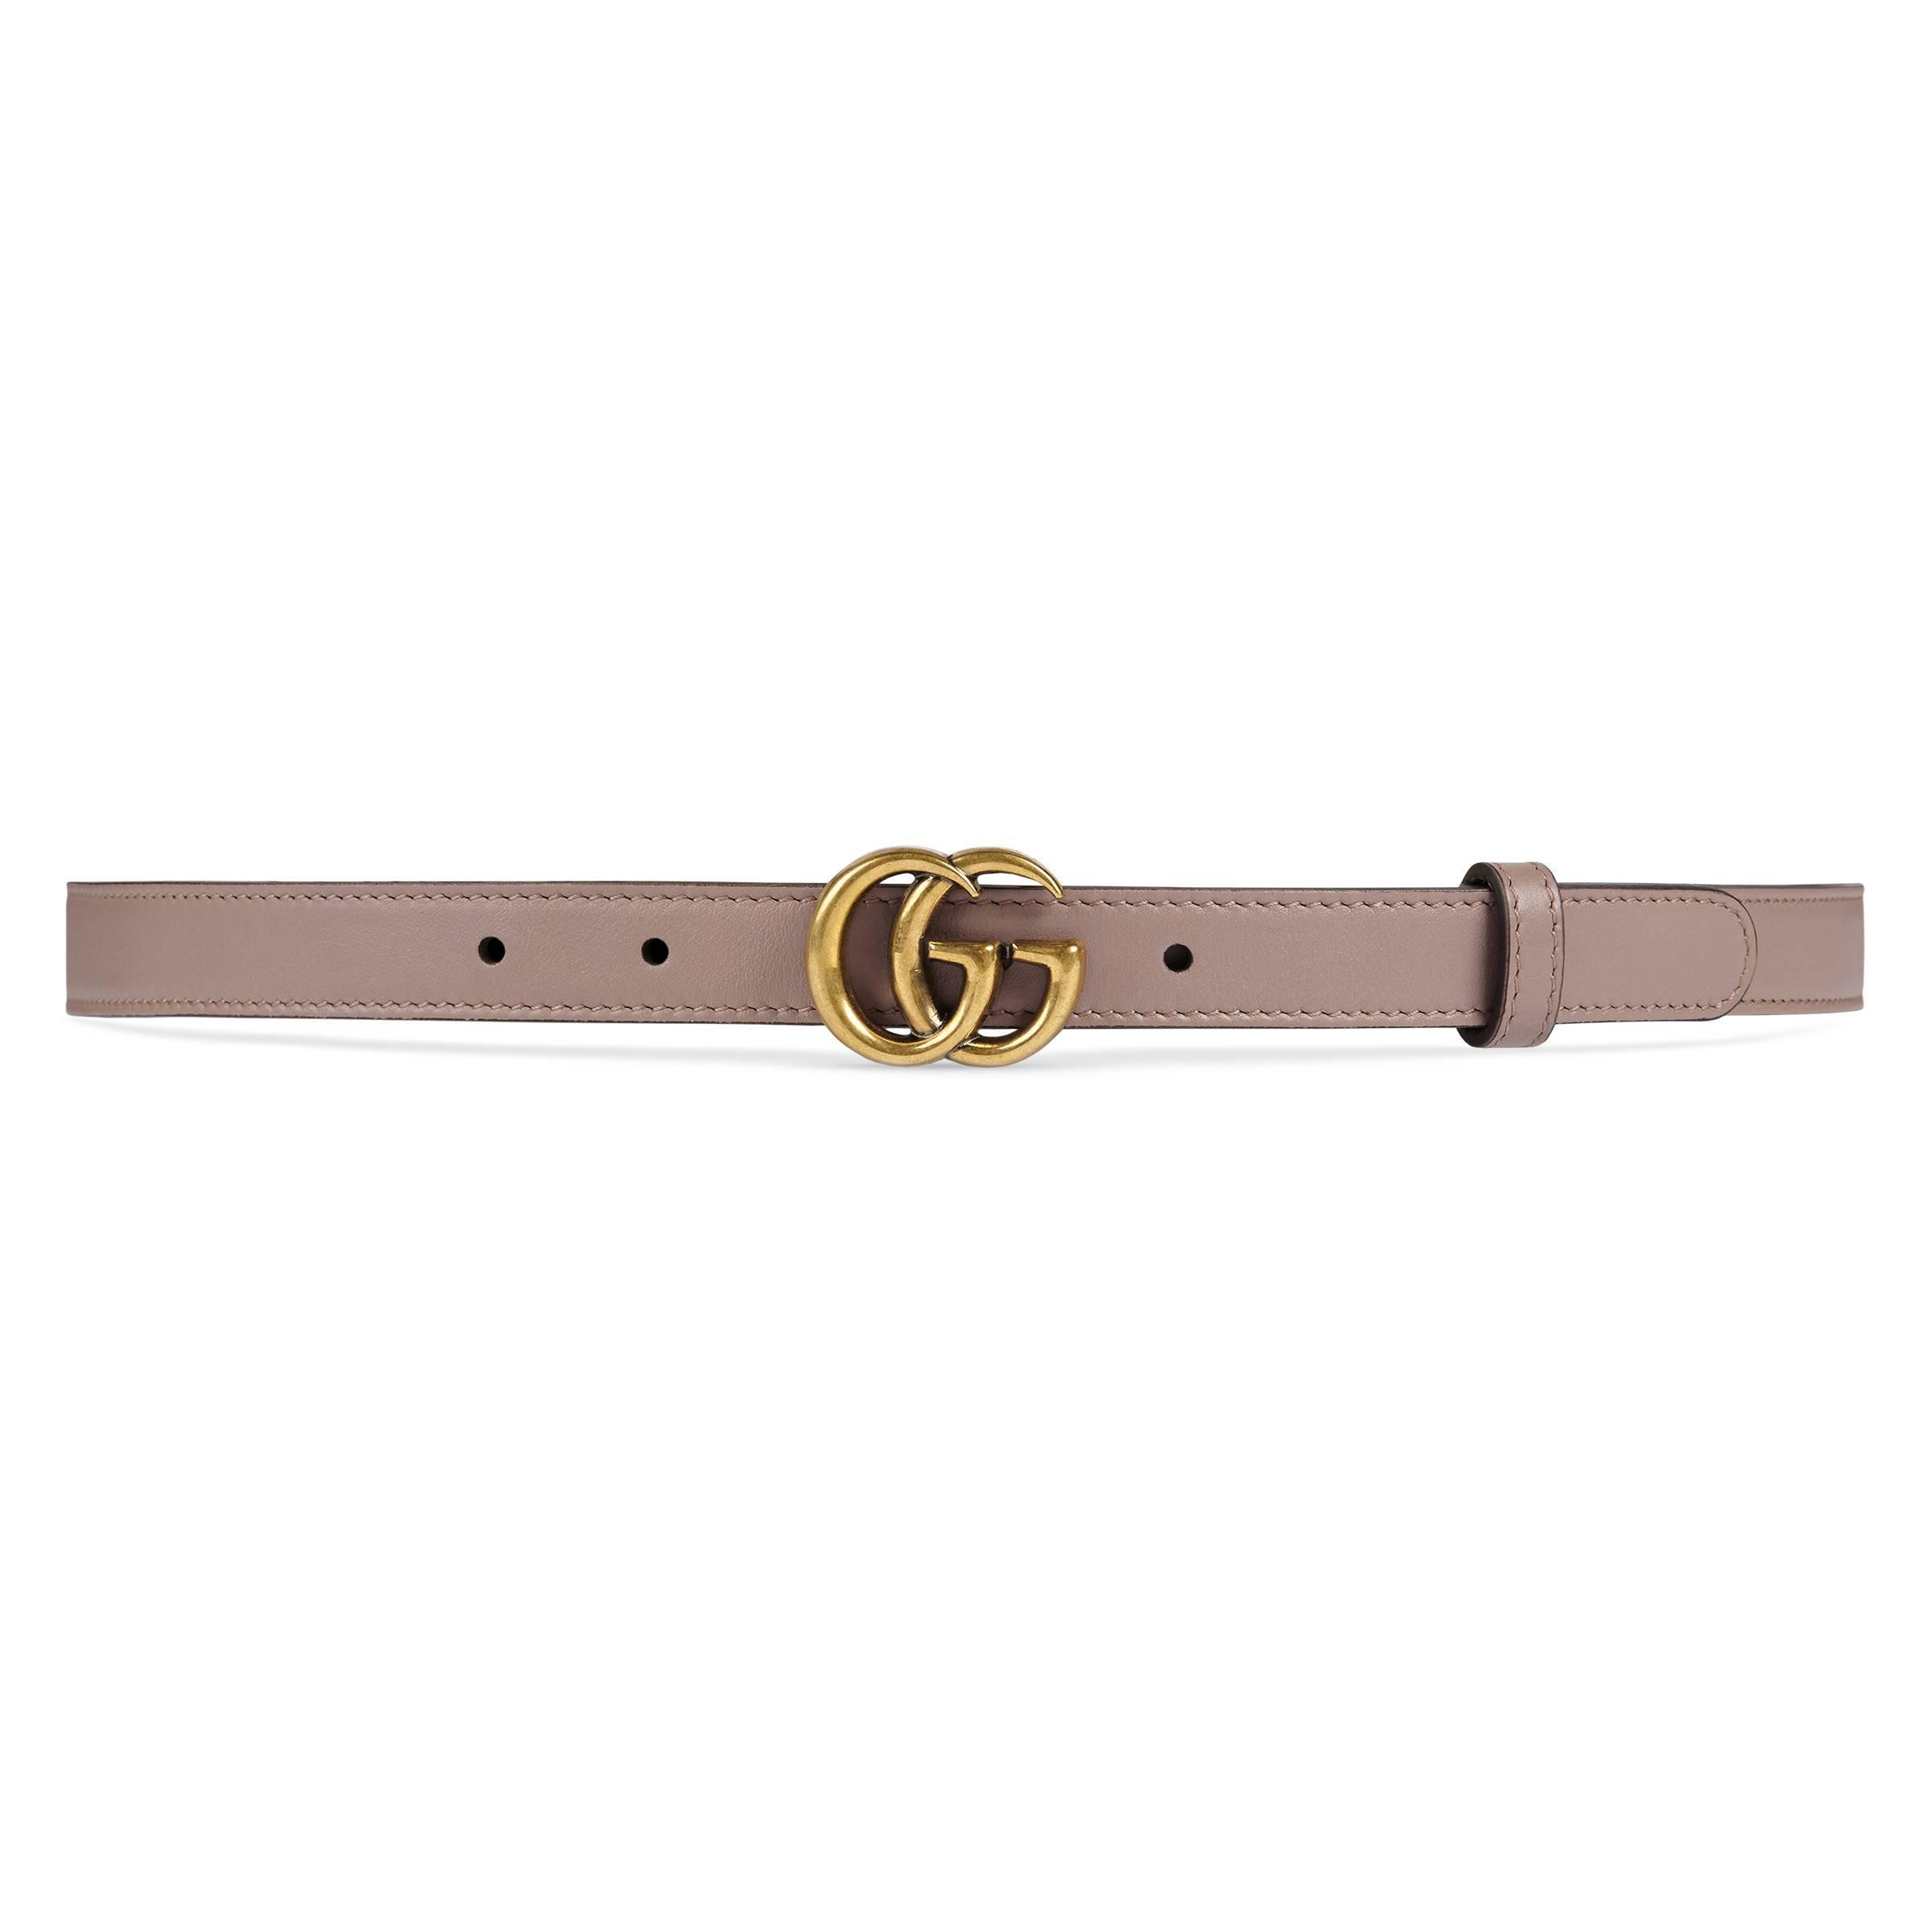 57599043fd425b Lyst - Gucci Ledergürtel mit GG-Schnalle in Natur